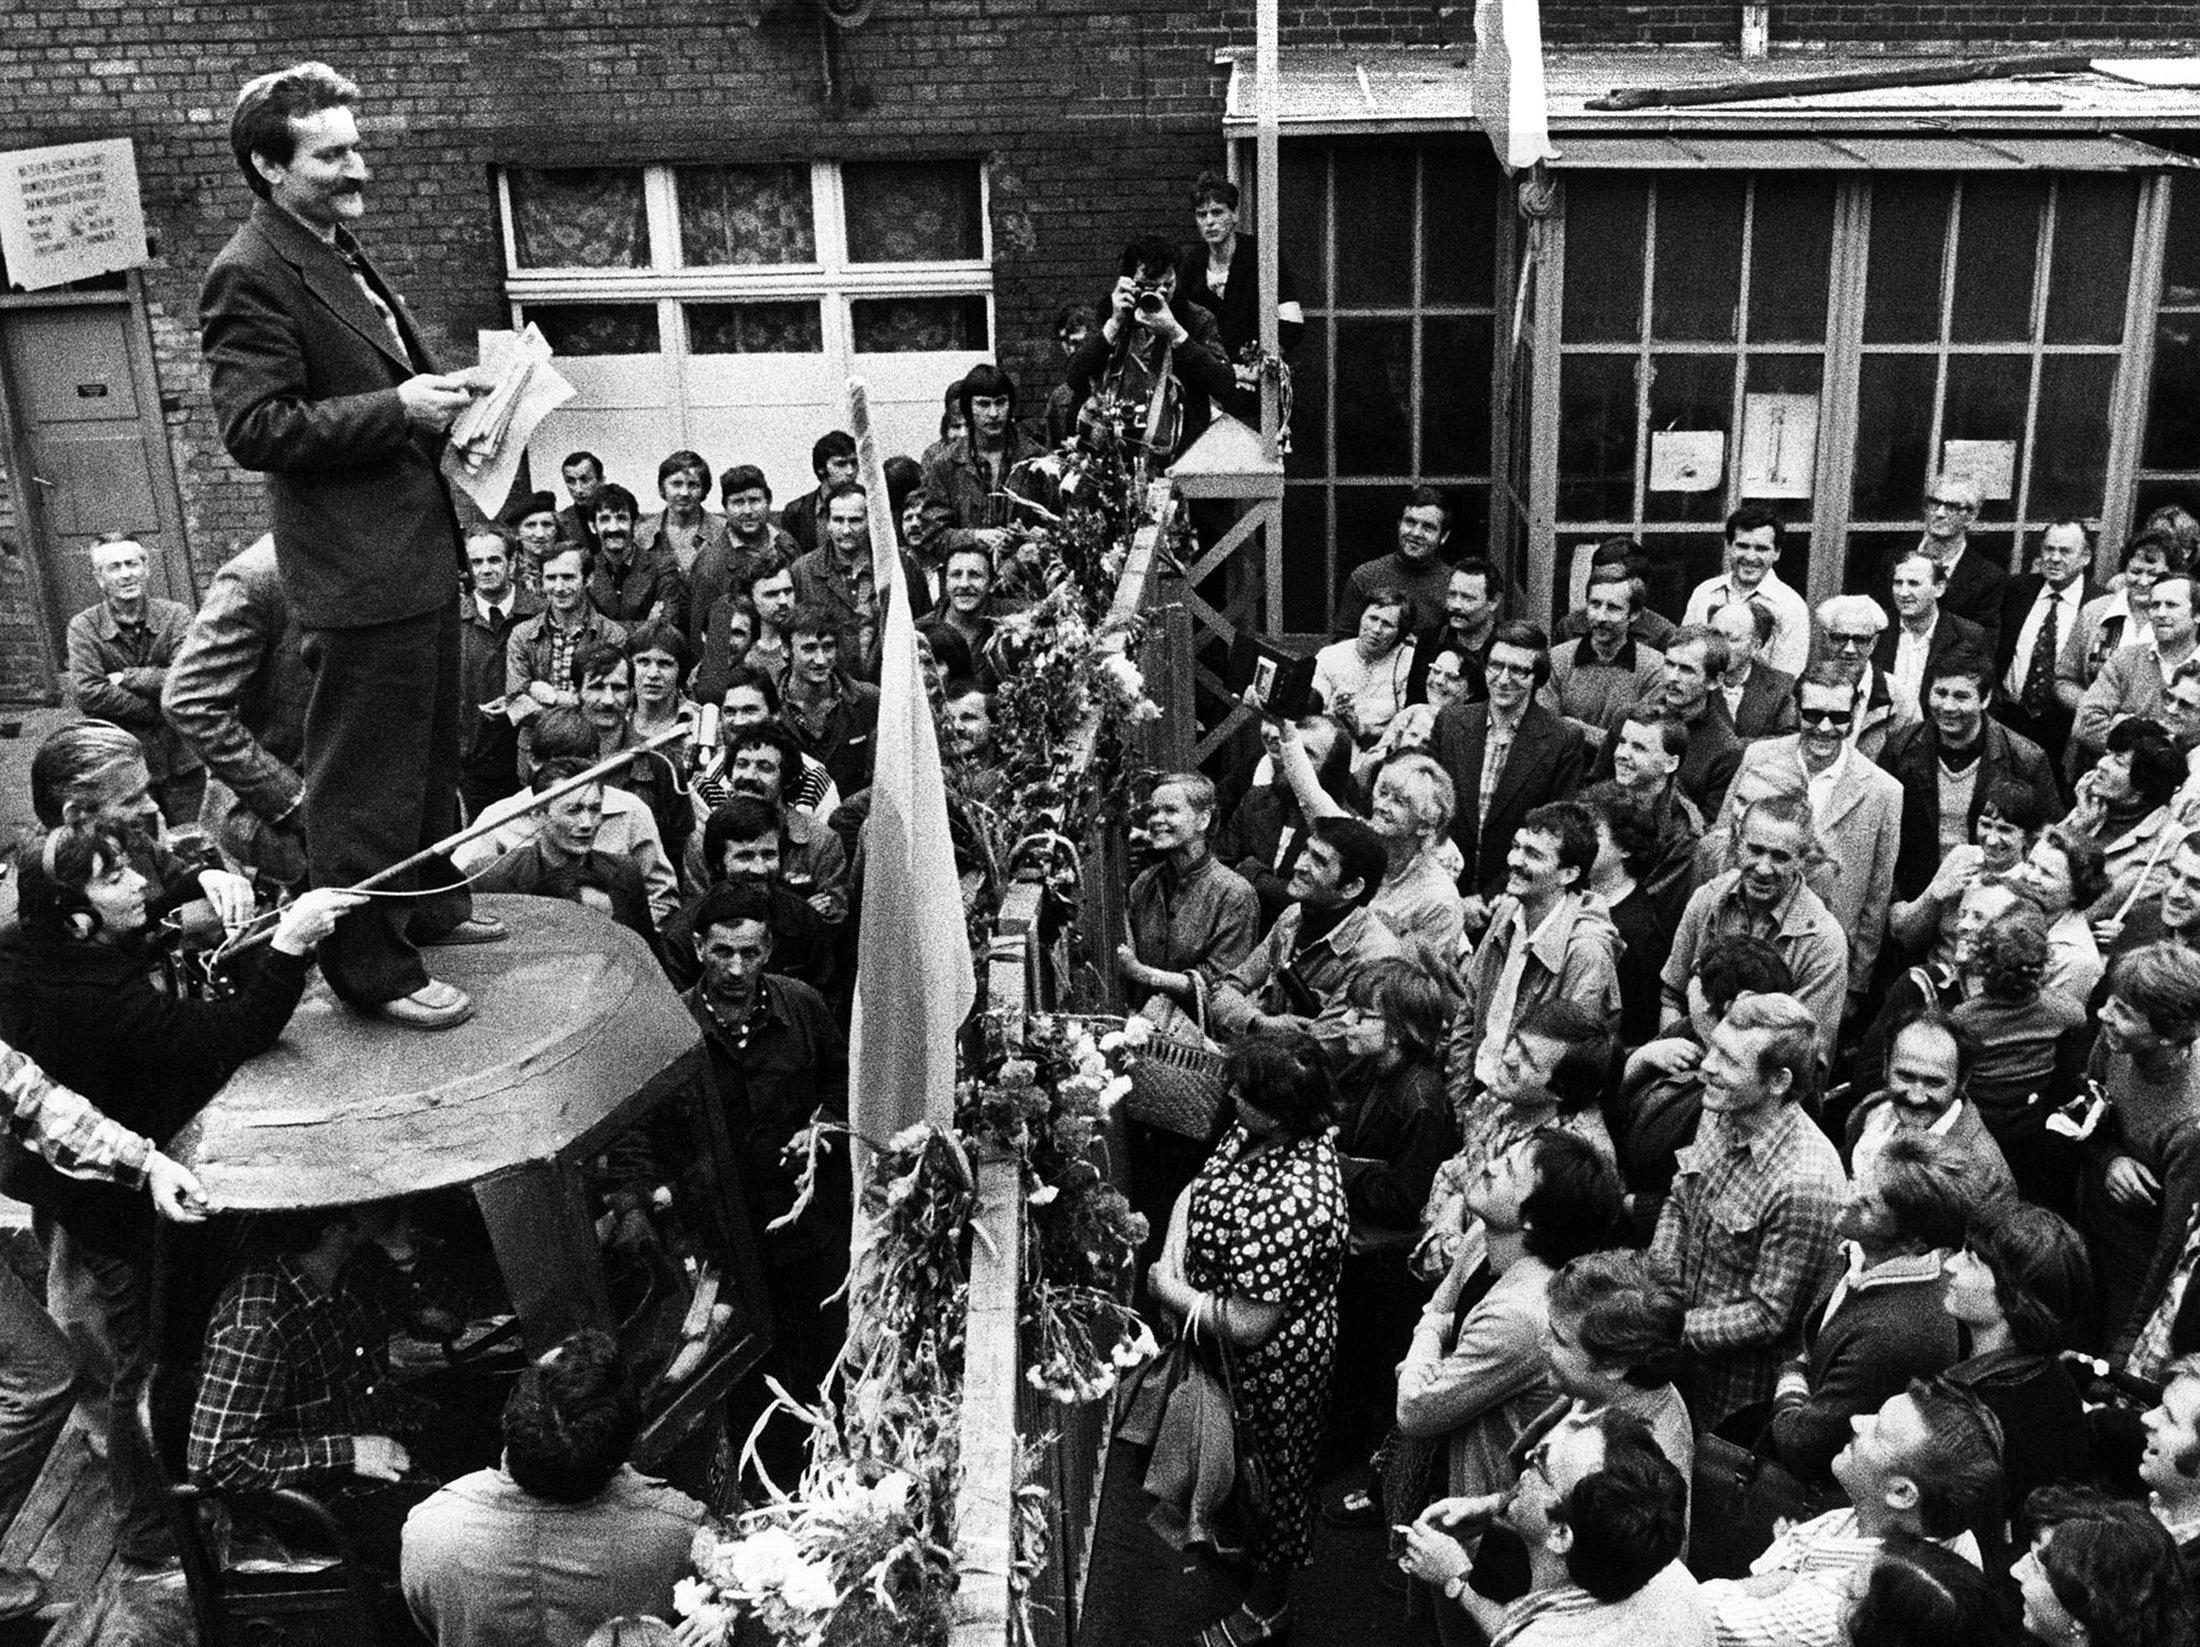 Były prezydent Polski i założyciel Solidarności Lech Wałęsa (z lewej) przemawia do robotników podczas strajku w stoczni w Gdańsku, 8 sierpnia 1980 (Reuters Photo)